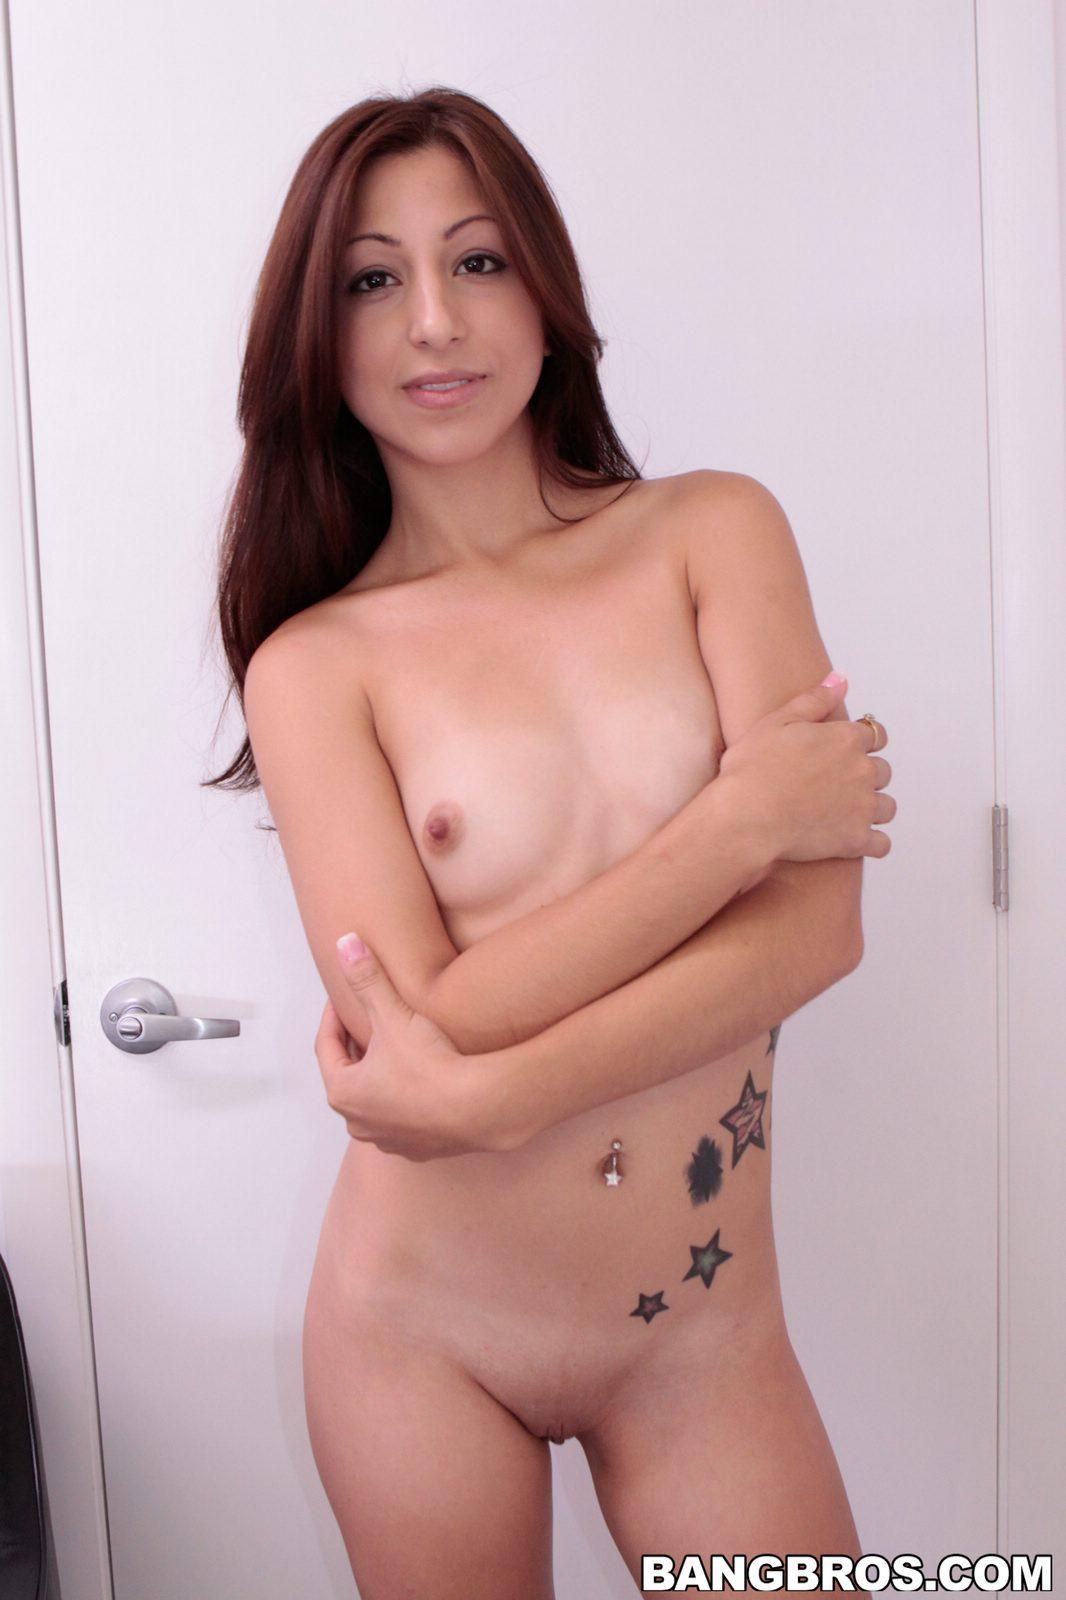 Alexa rydell porn video latina sex tapes 2